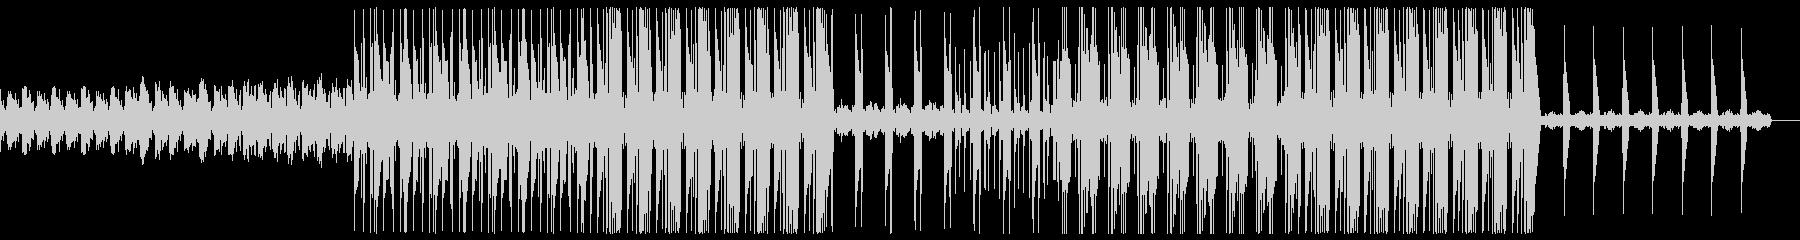 ダーク 不気味 トラップ ビートの未再生の波形